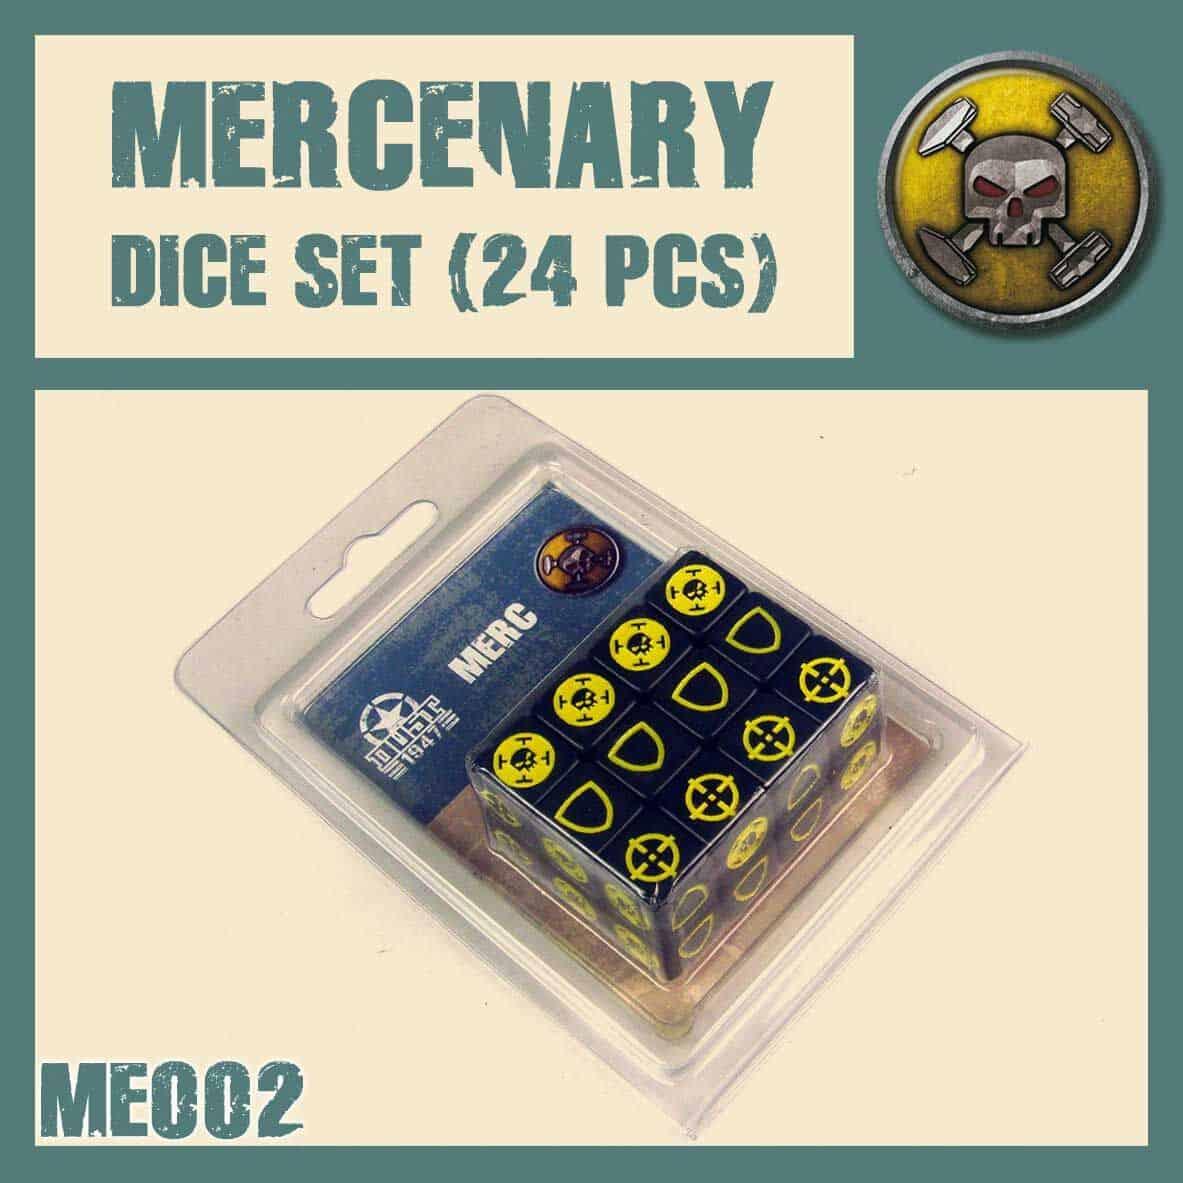 Mercenary DICE SET